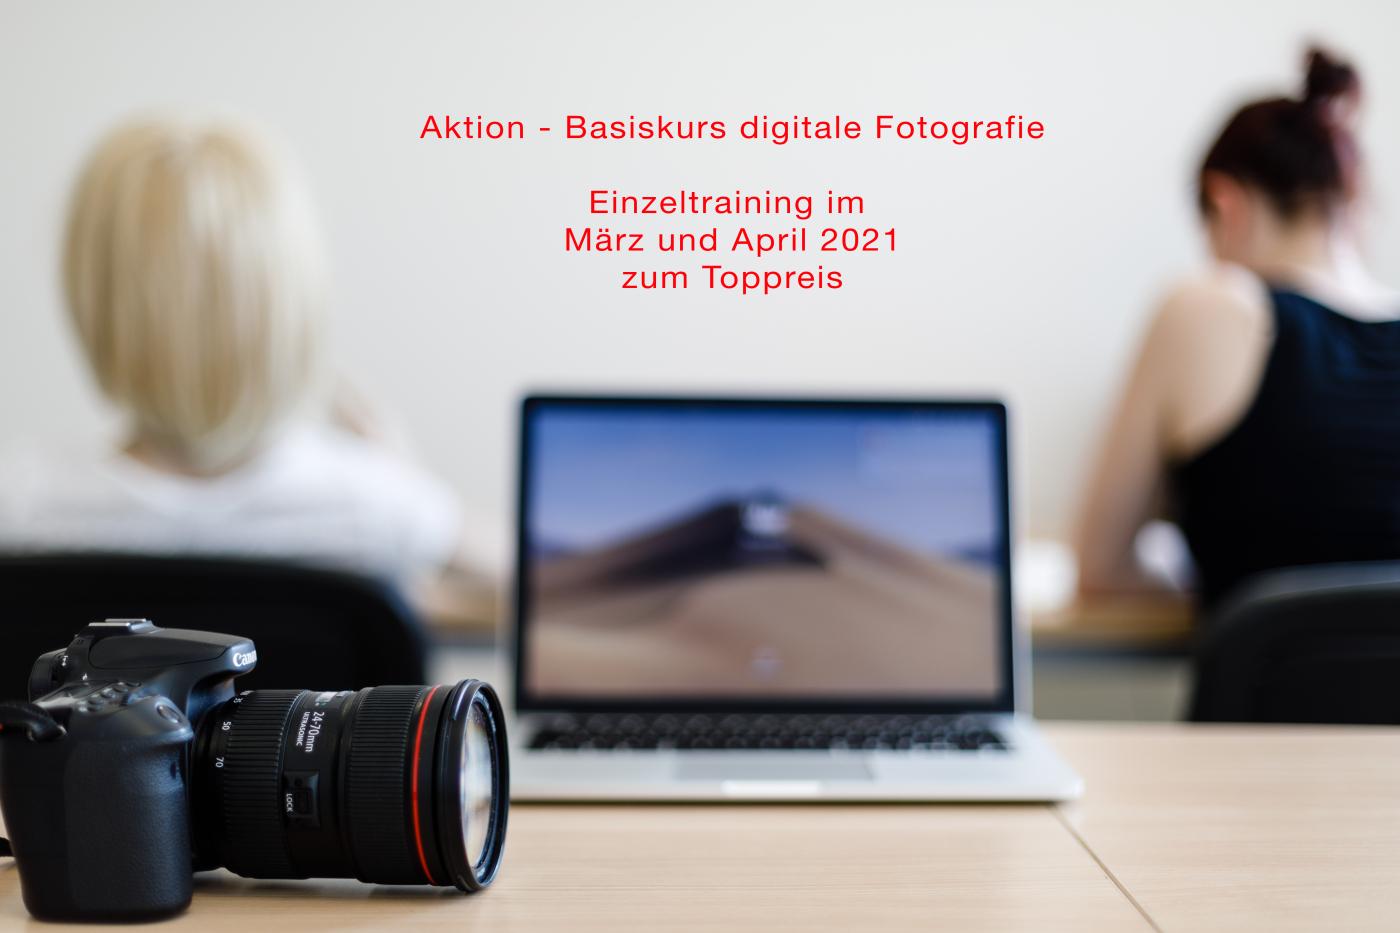 hier sieht man eine Kamera,einen Laptop, und Menschen beim Lernen in einem Seminarraum